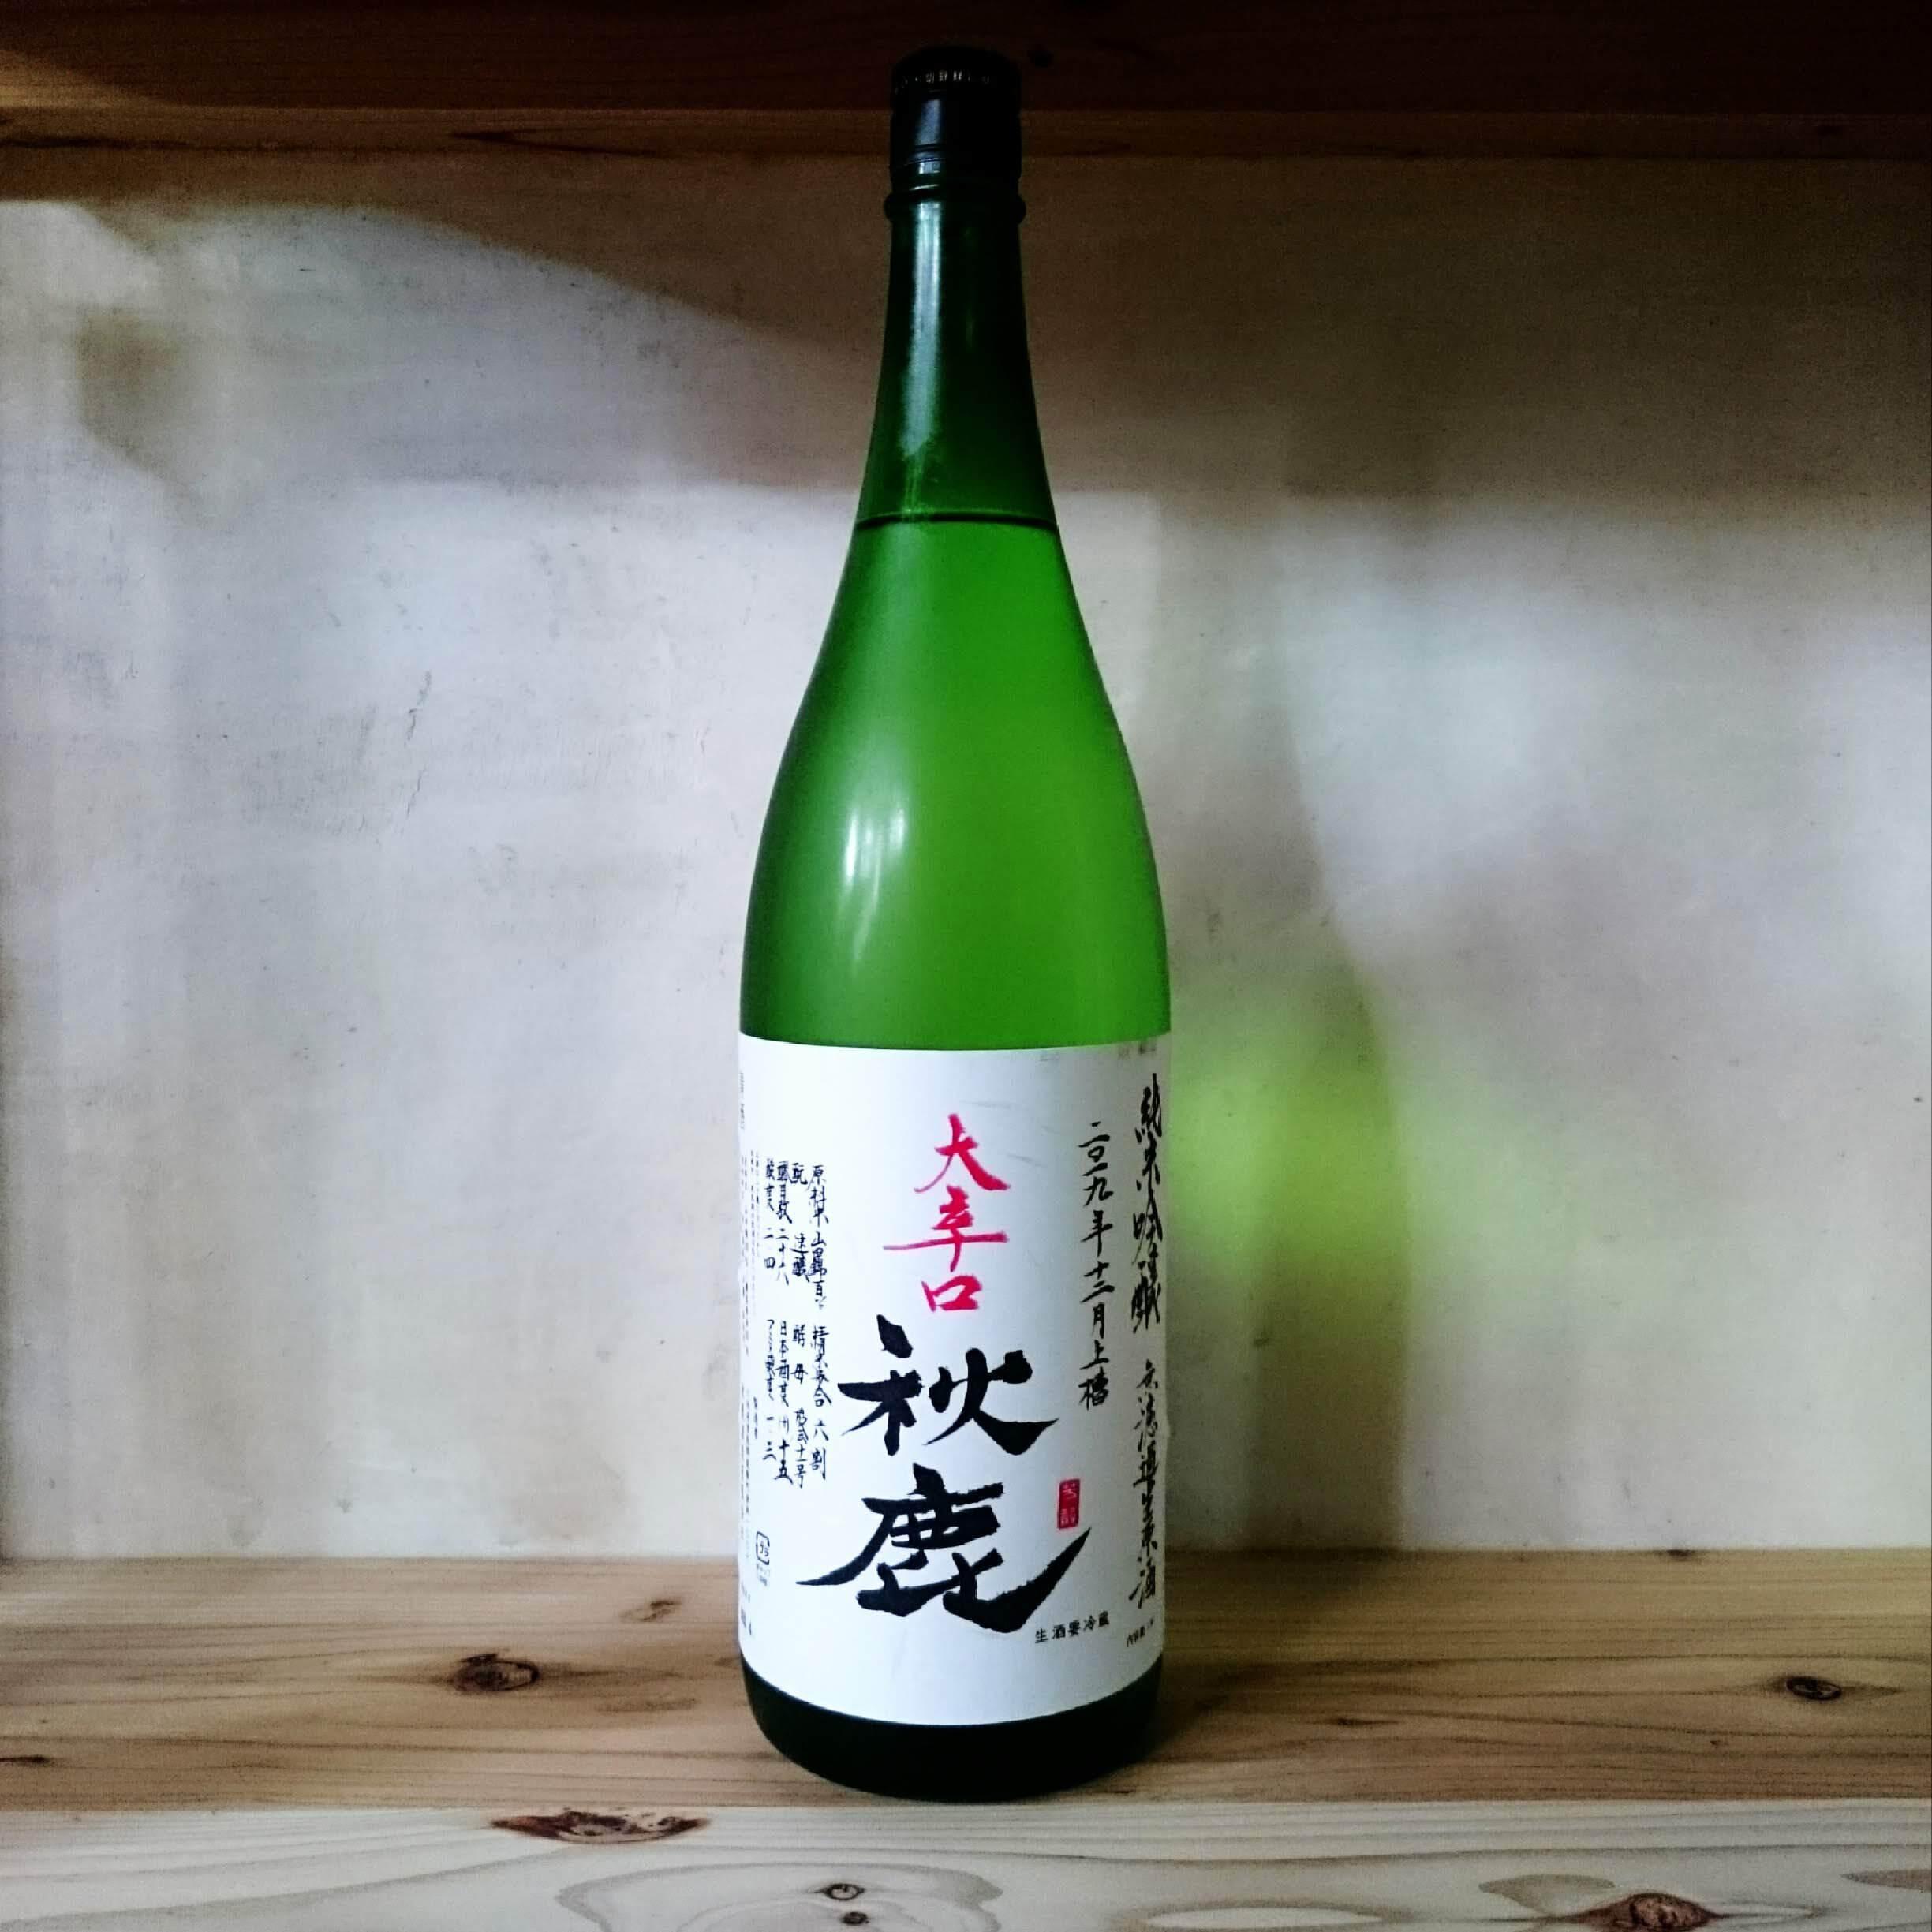 秋鹿 純米吟醸 大辛口 生原酒 720ml